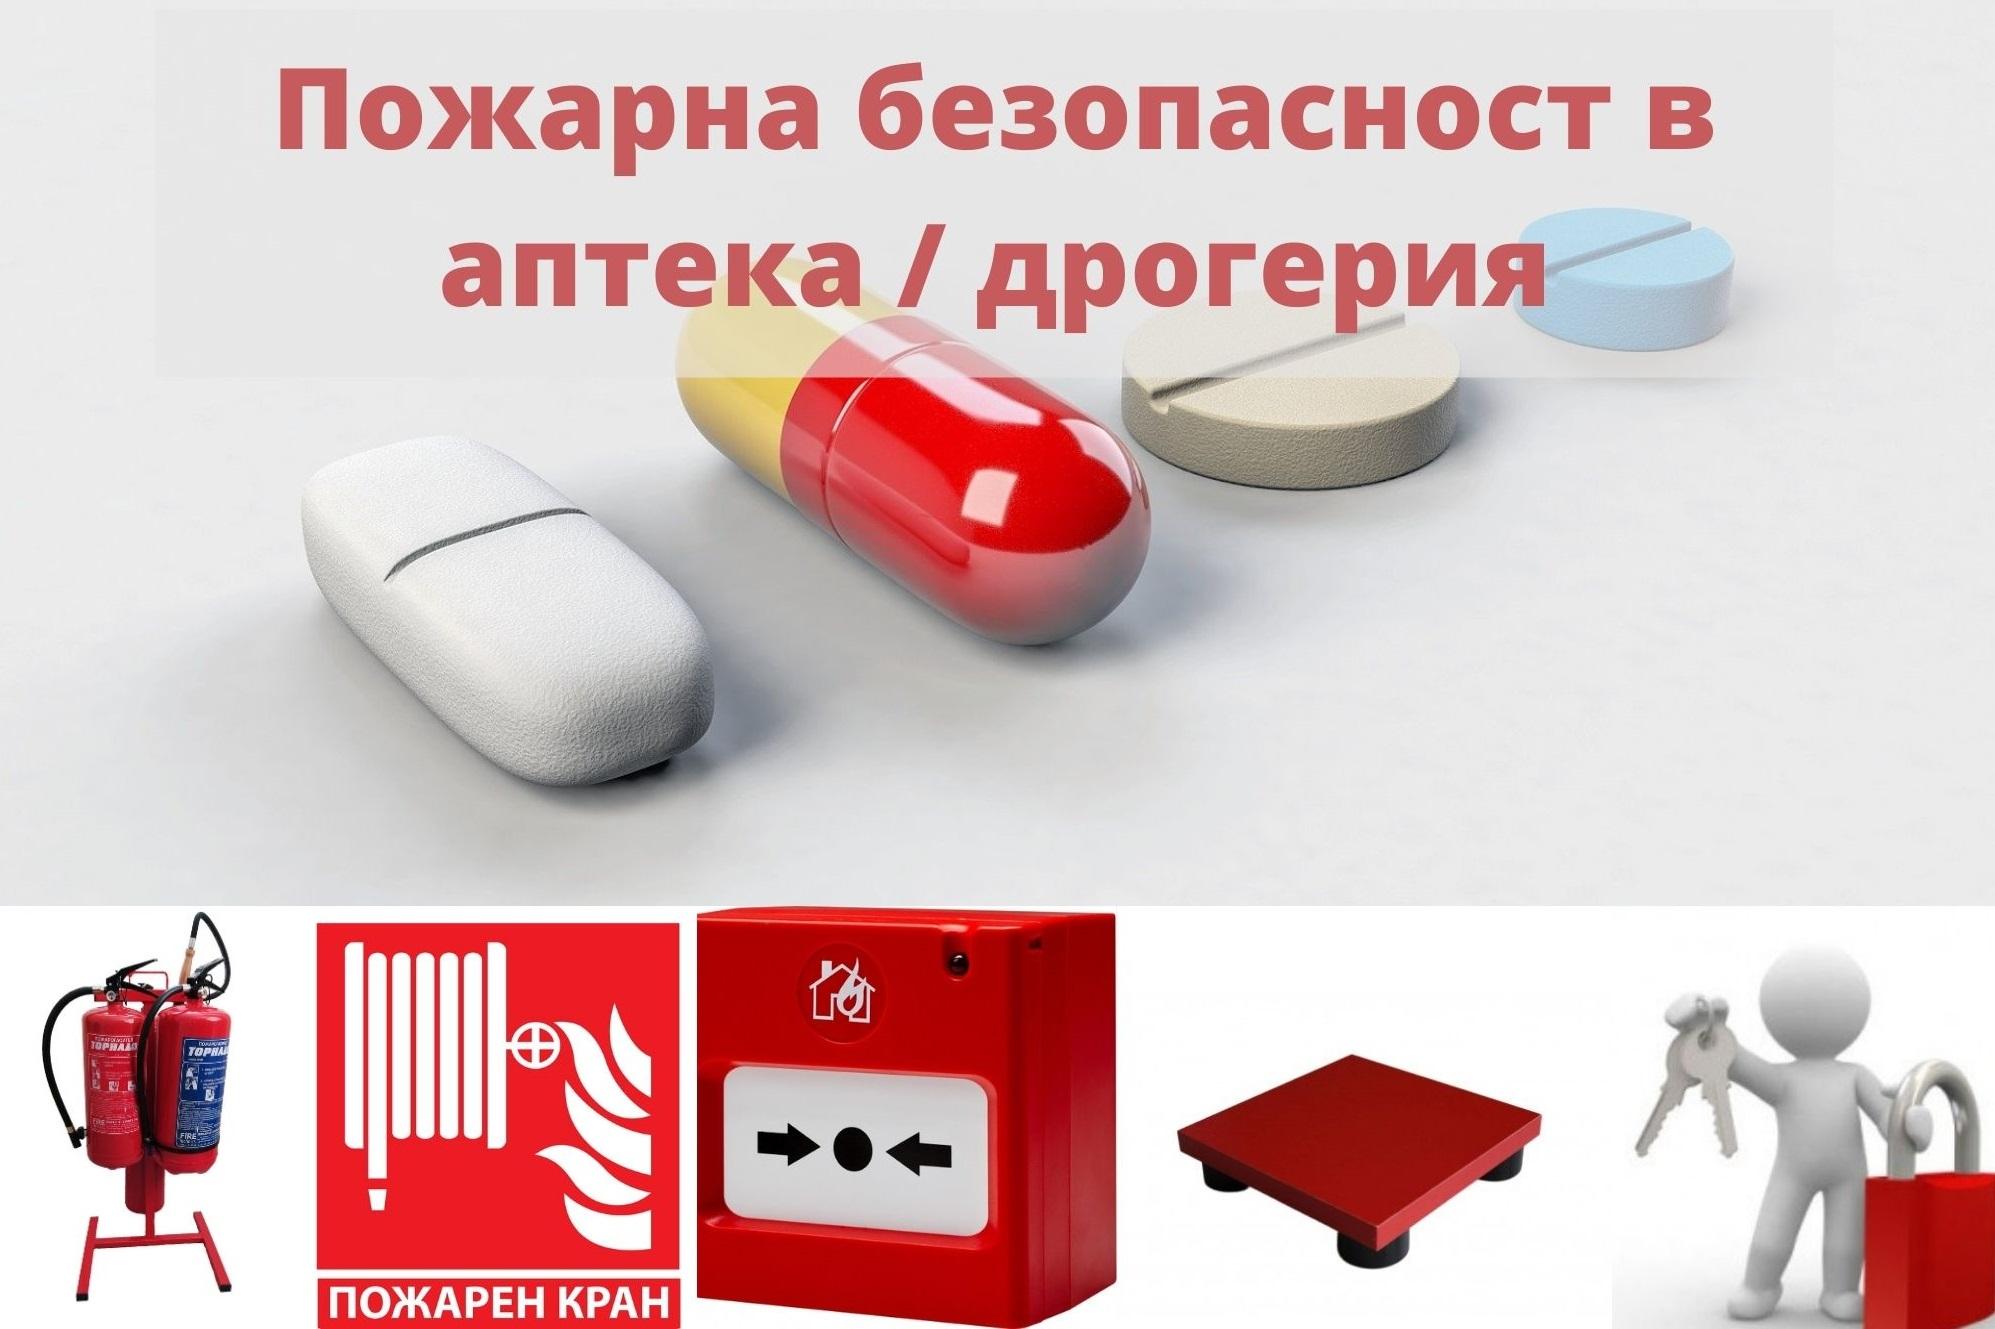 Пожарна безопасност в аптека / дрогерия